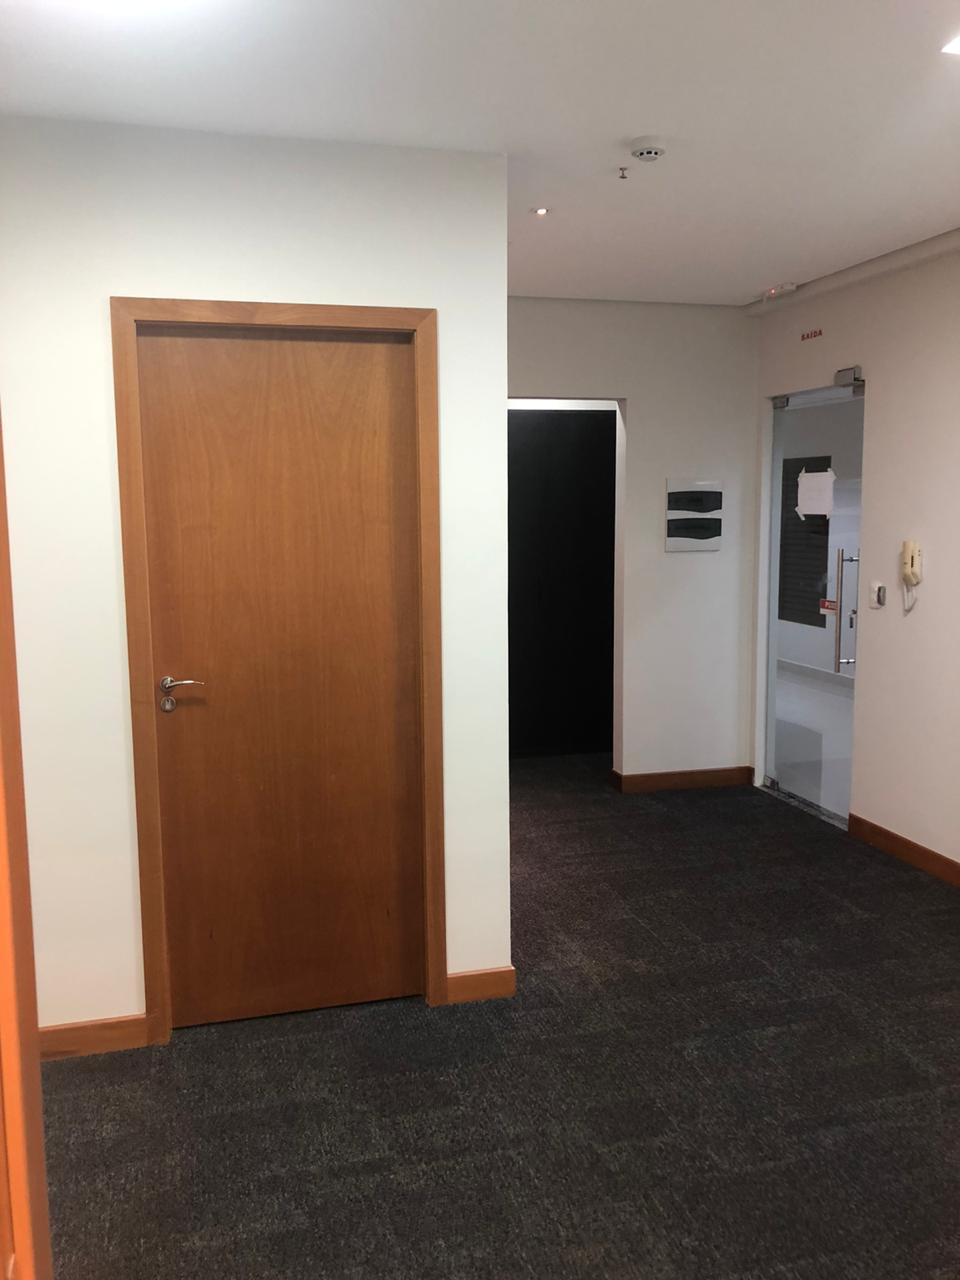 Ponto comercial  com 2 quartos no Bosque da Saúde, Cuiabá  - MT